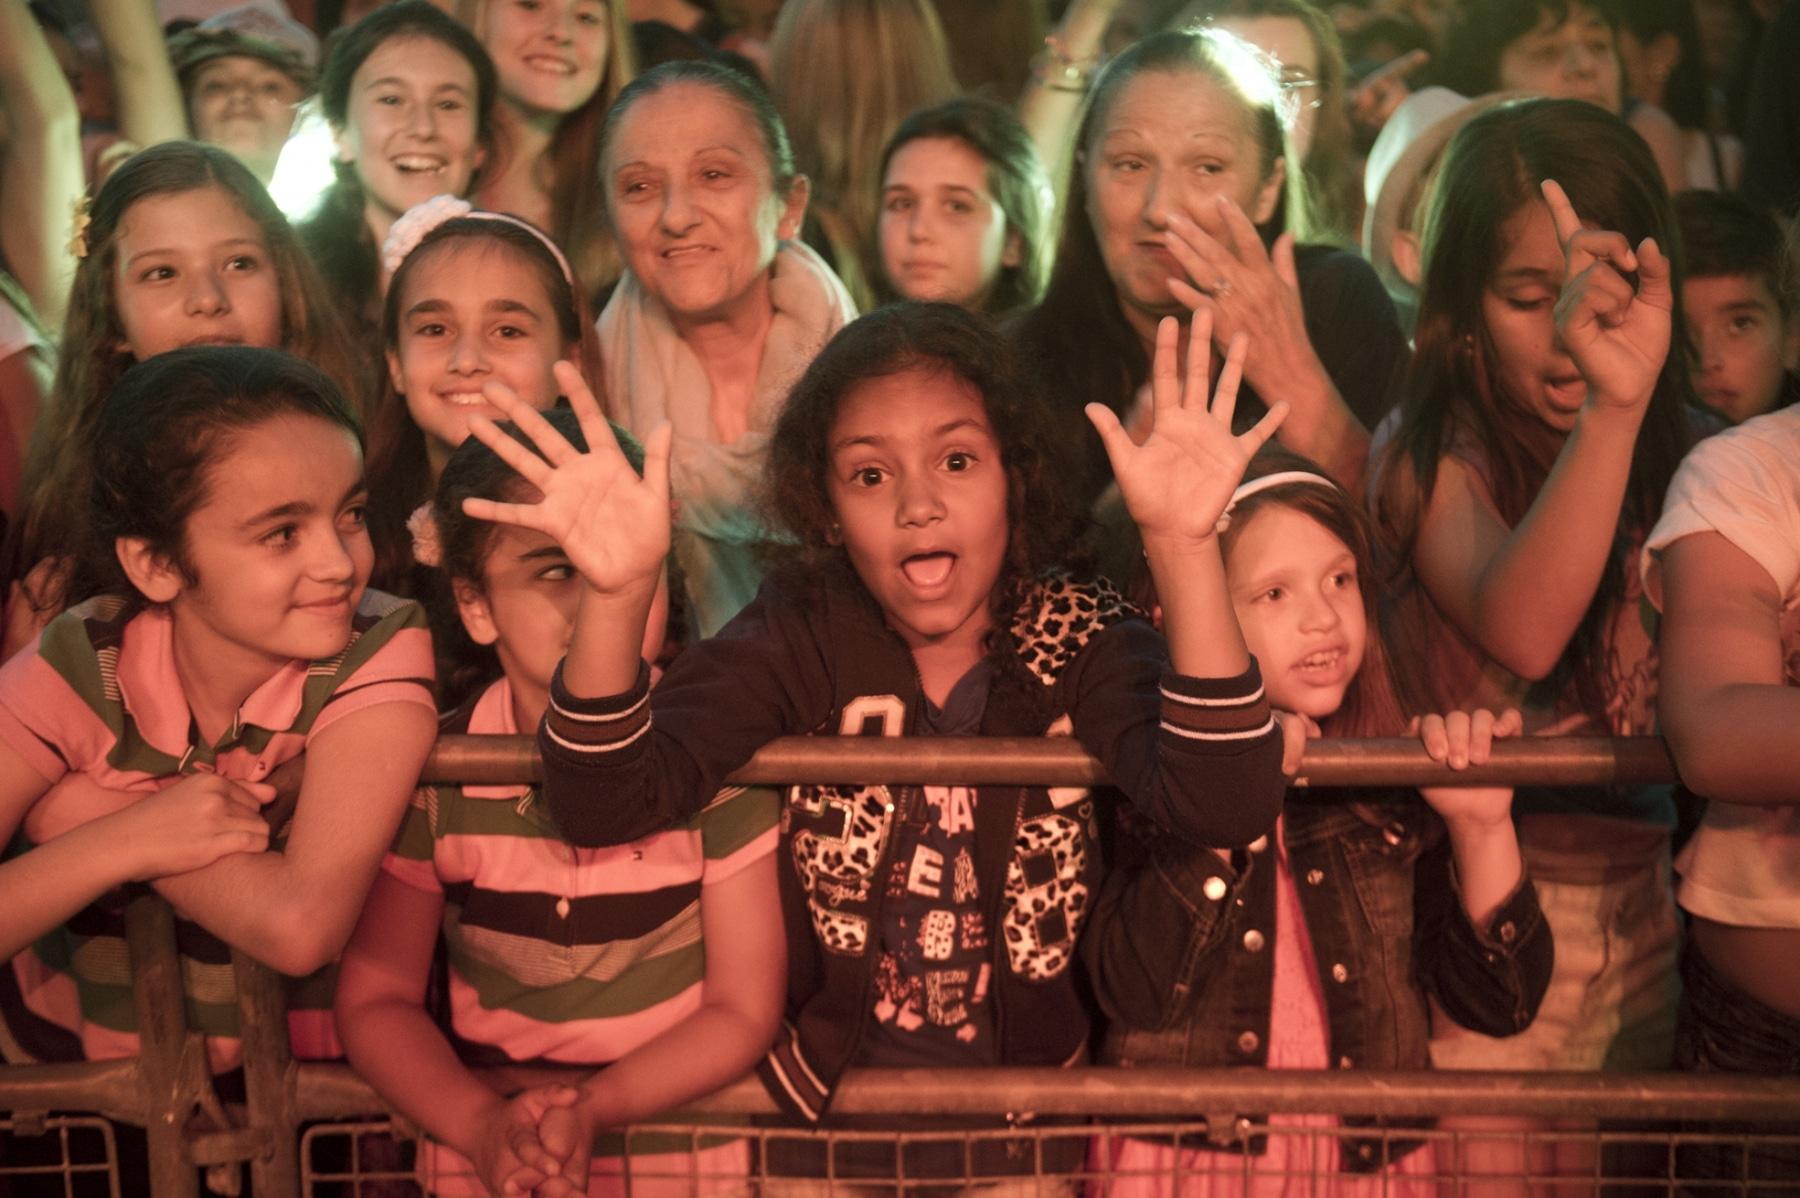 fiesta-del-1-de-mayo-en-gibraltar-01052015-36_17338550216_o